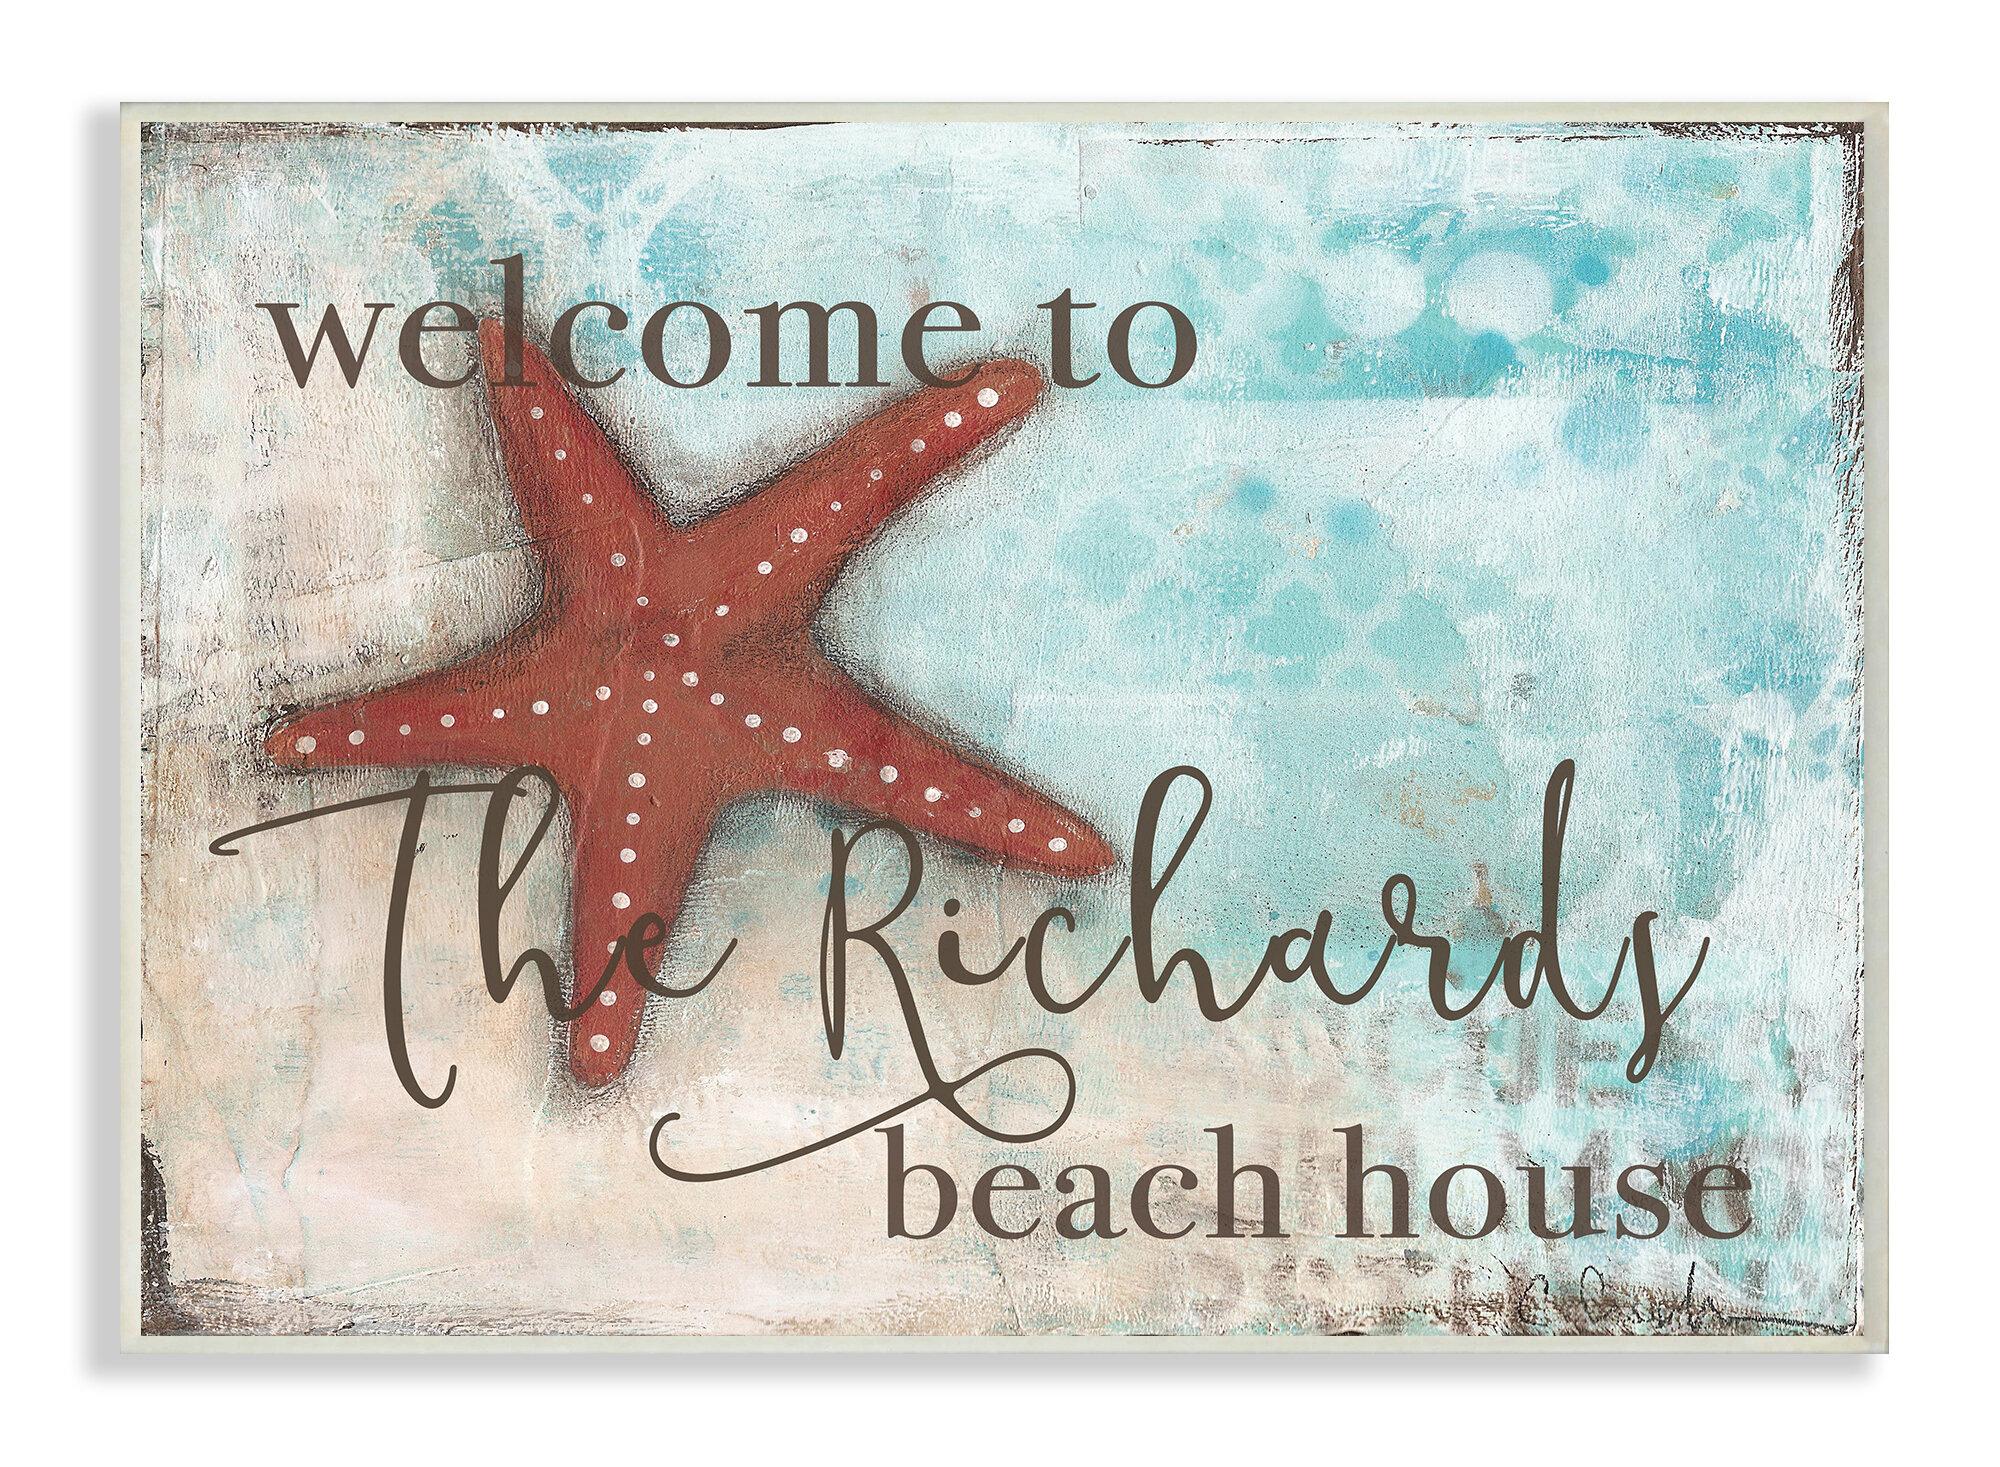 Bedroom Door Sign Welcome to our Beach House Beach Decor Metal Door Decorative UV Protected /& Waterproof Plaque